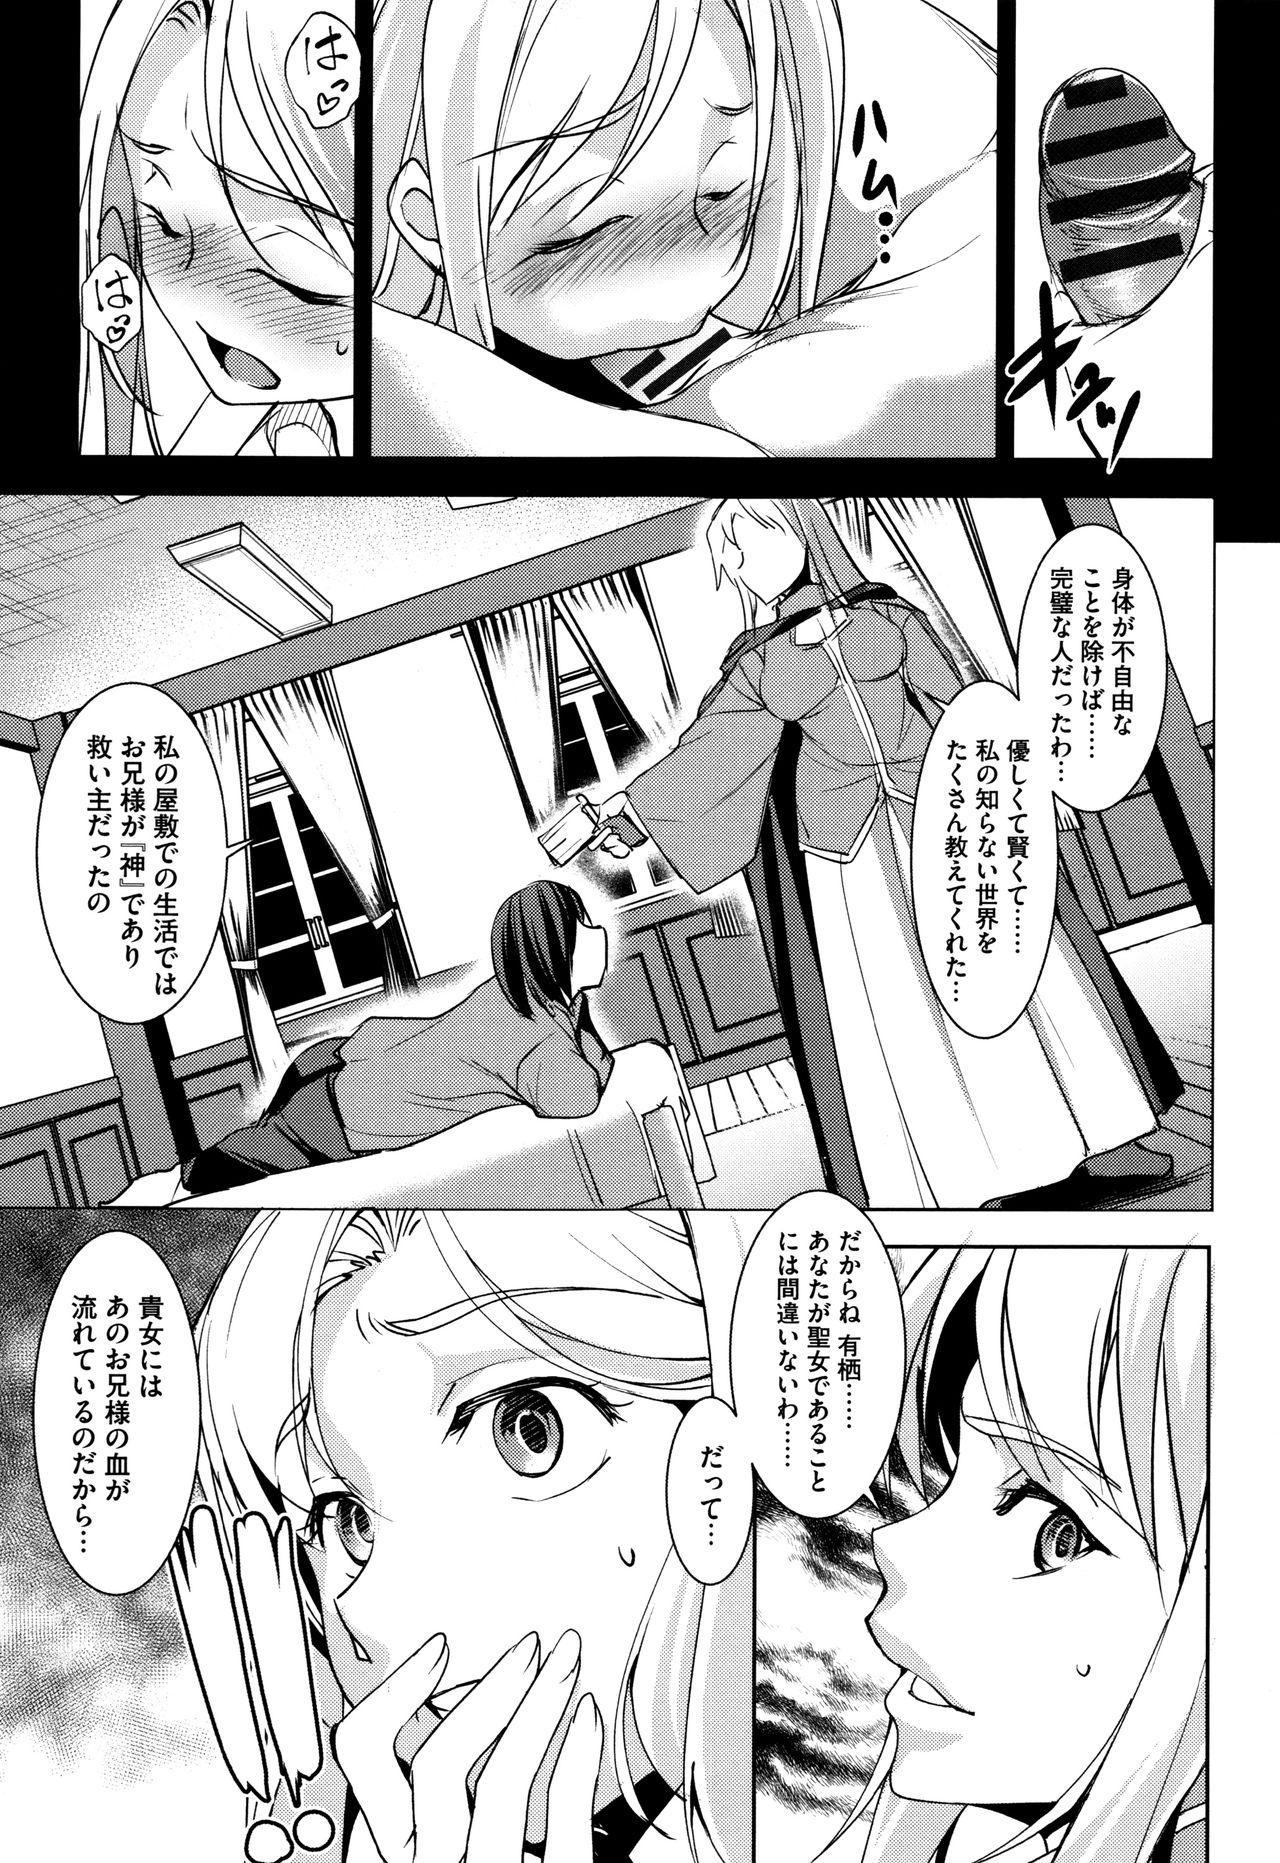 Seida Inyou 147